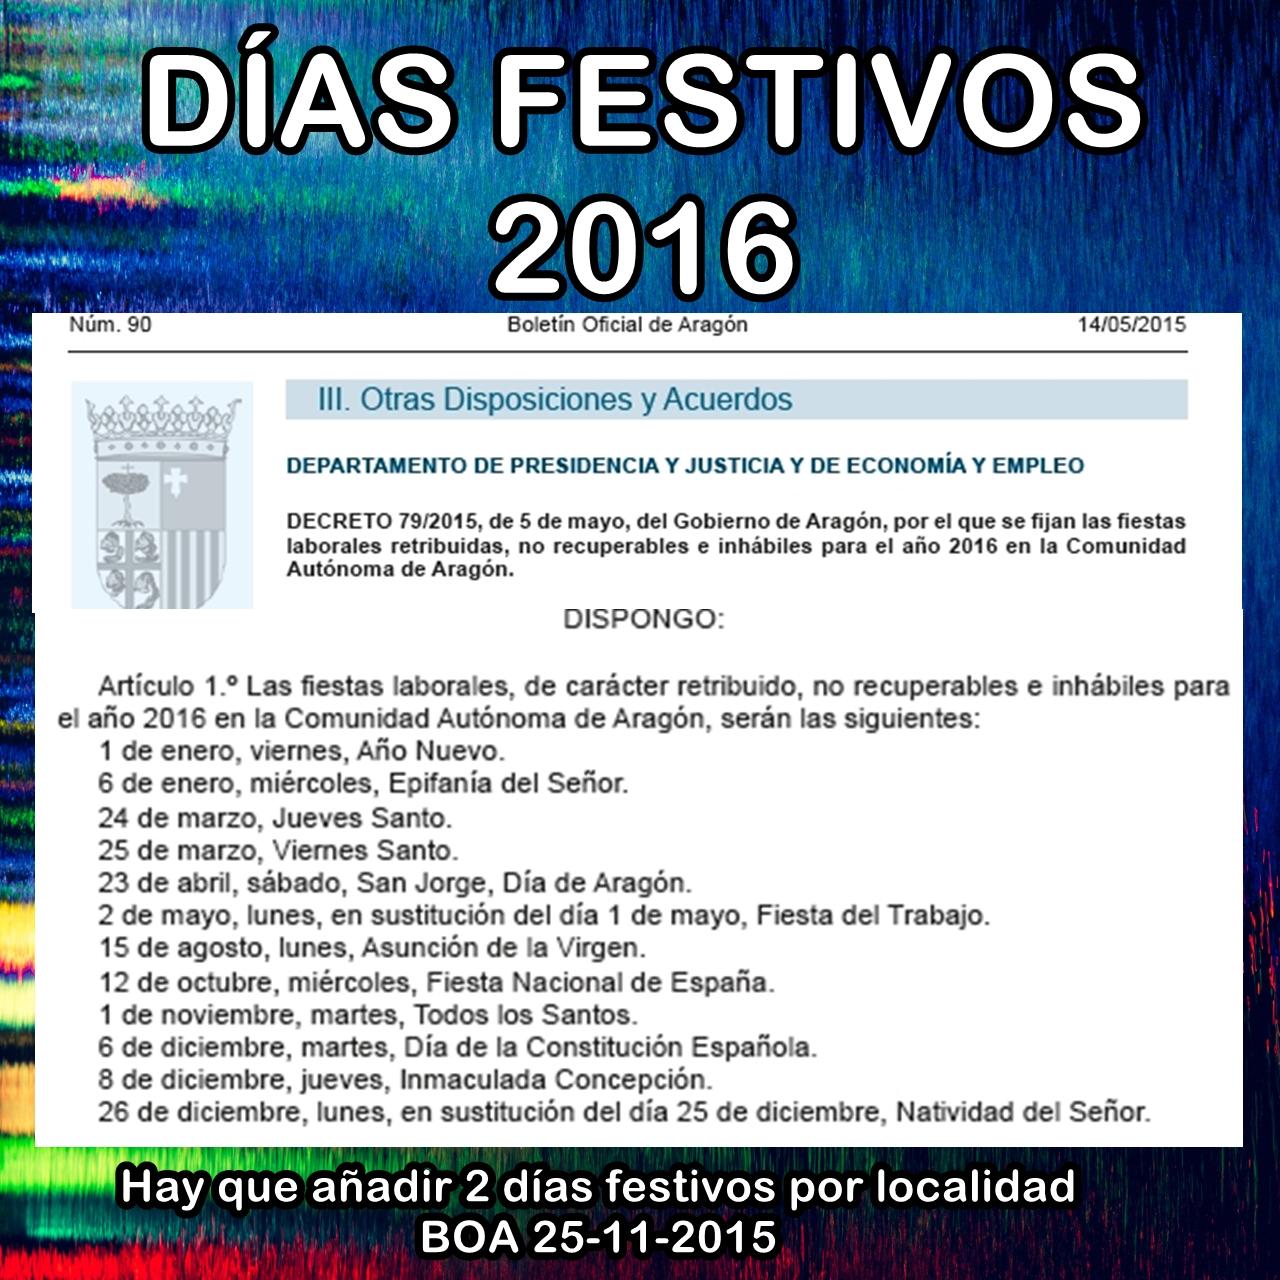 DÍAS FESTIVOS 2016